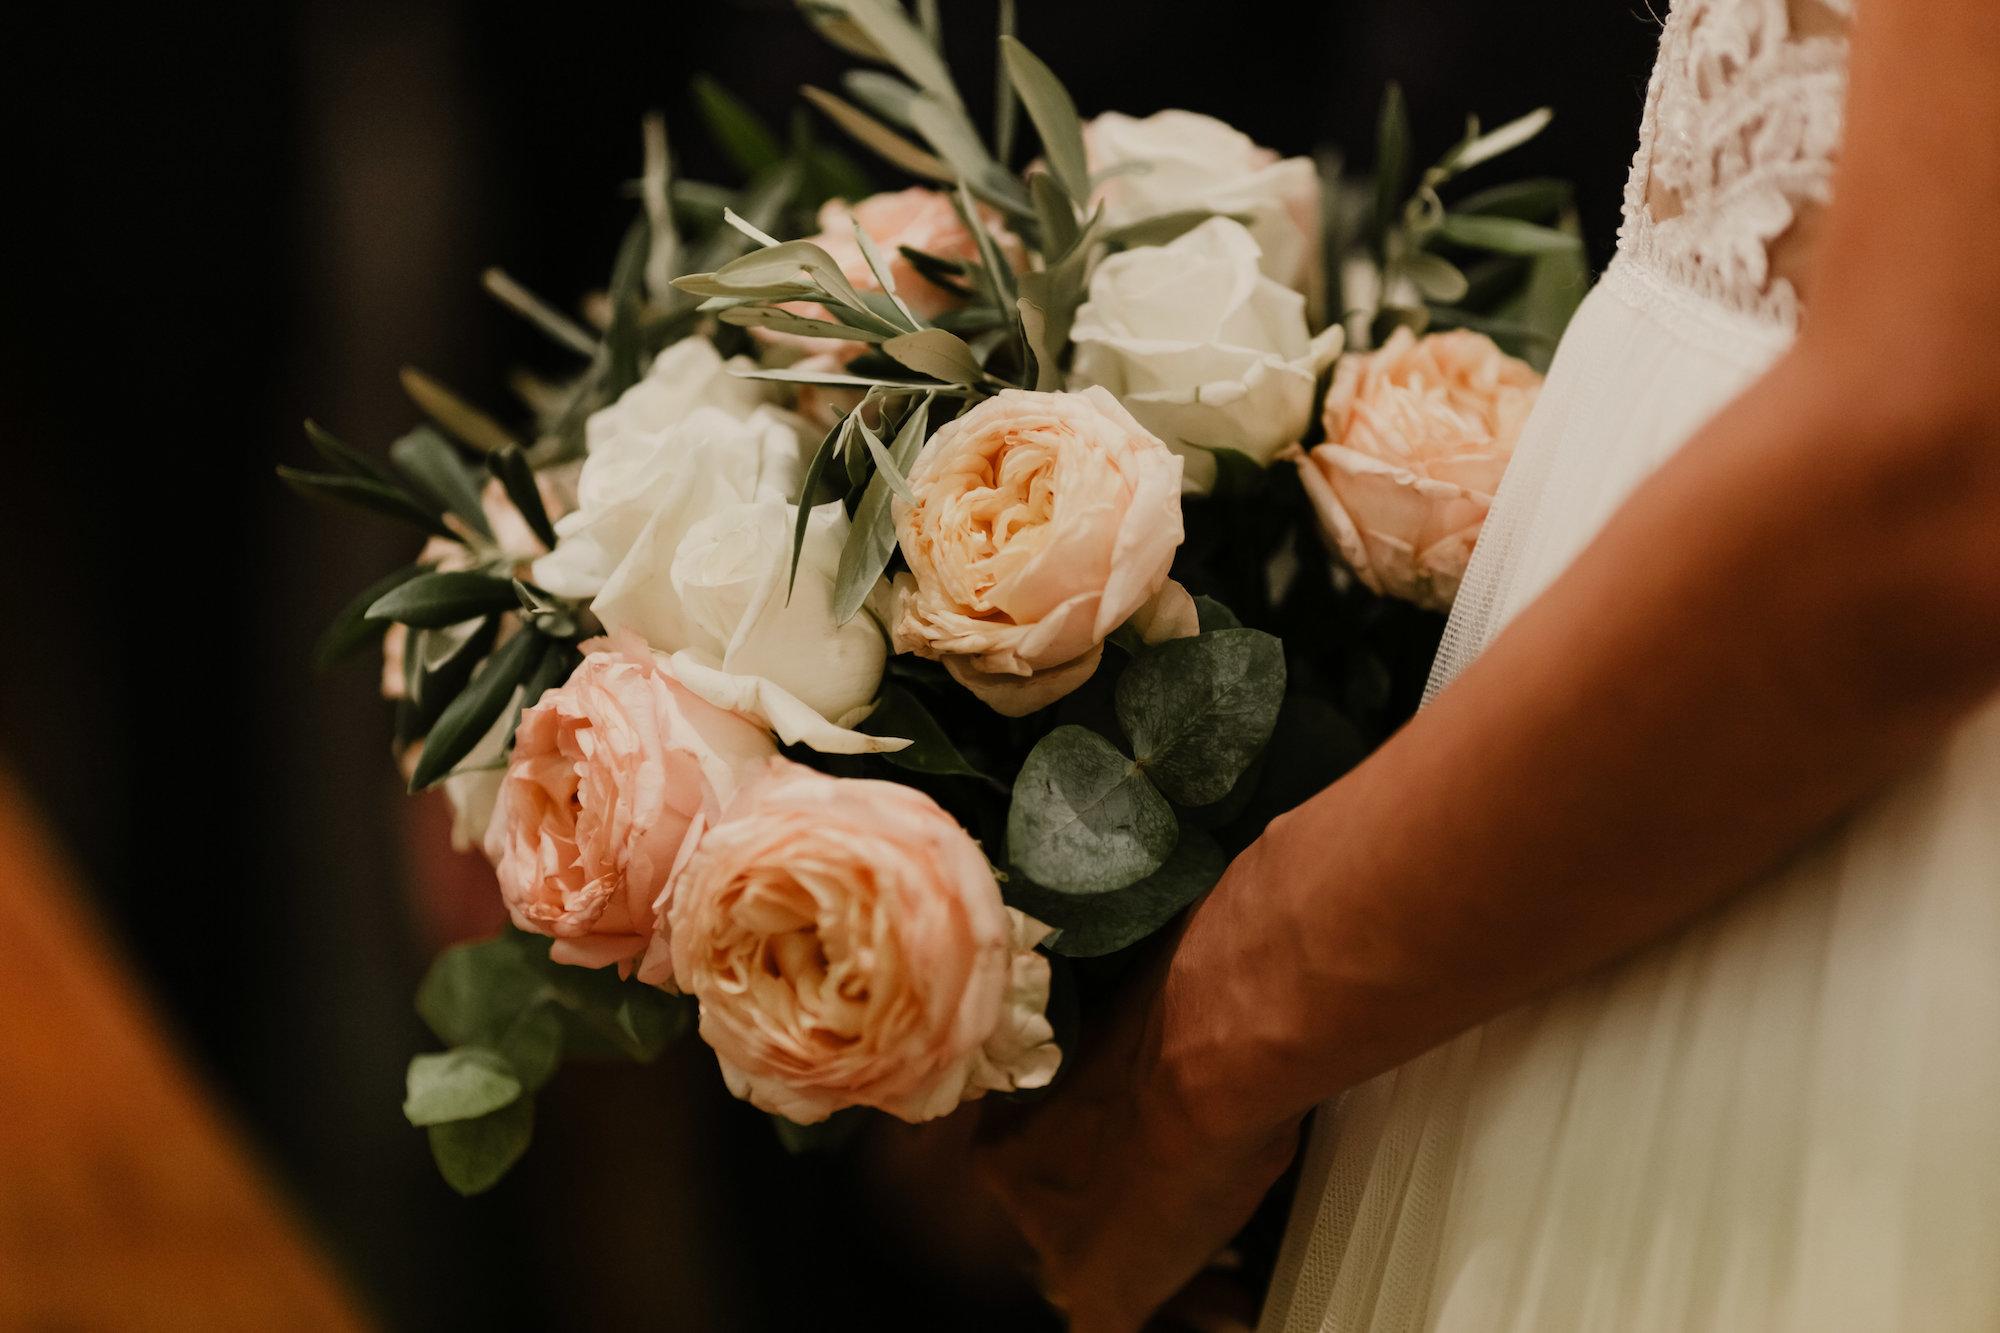 le coeur dans les etoiles - wedding planner - provence - luberon - alpilles - organisation - mariage - wedding - florine jeannot - bouquet